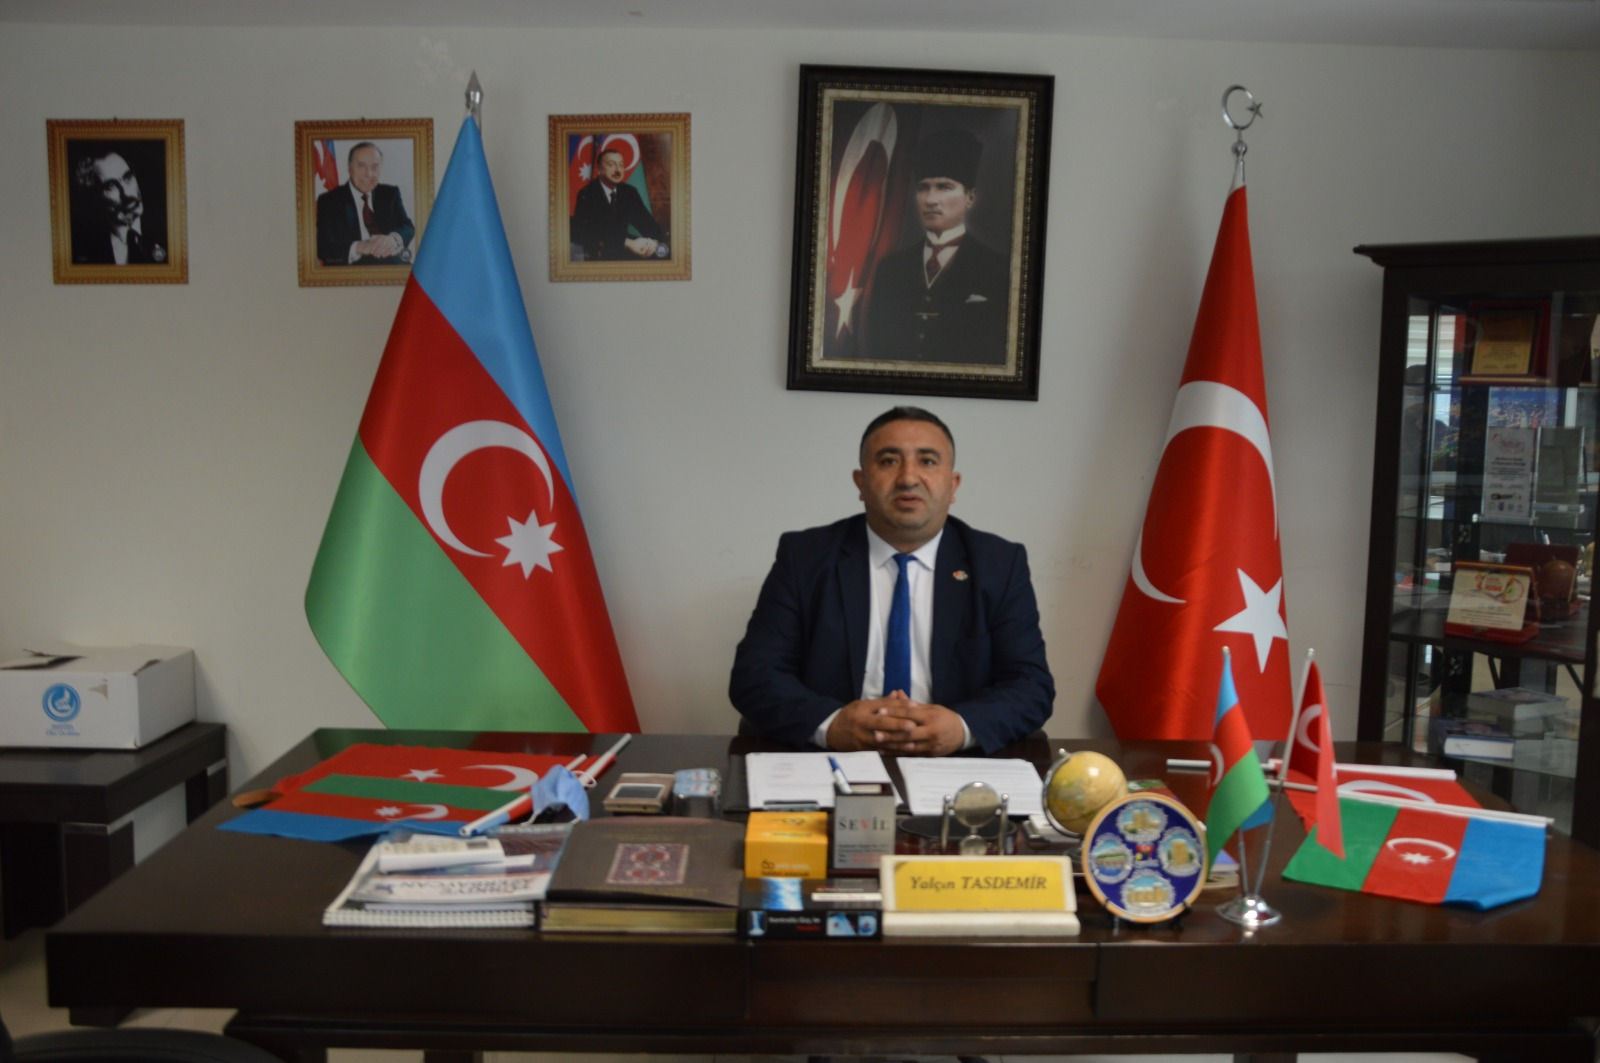 Manisa Azerbaycan Kültür ve Dayanışma Derneği'nden anlamlı ziyaret